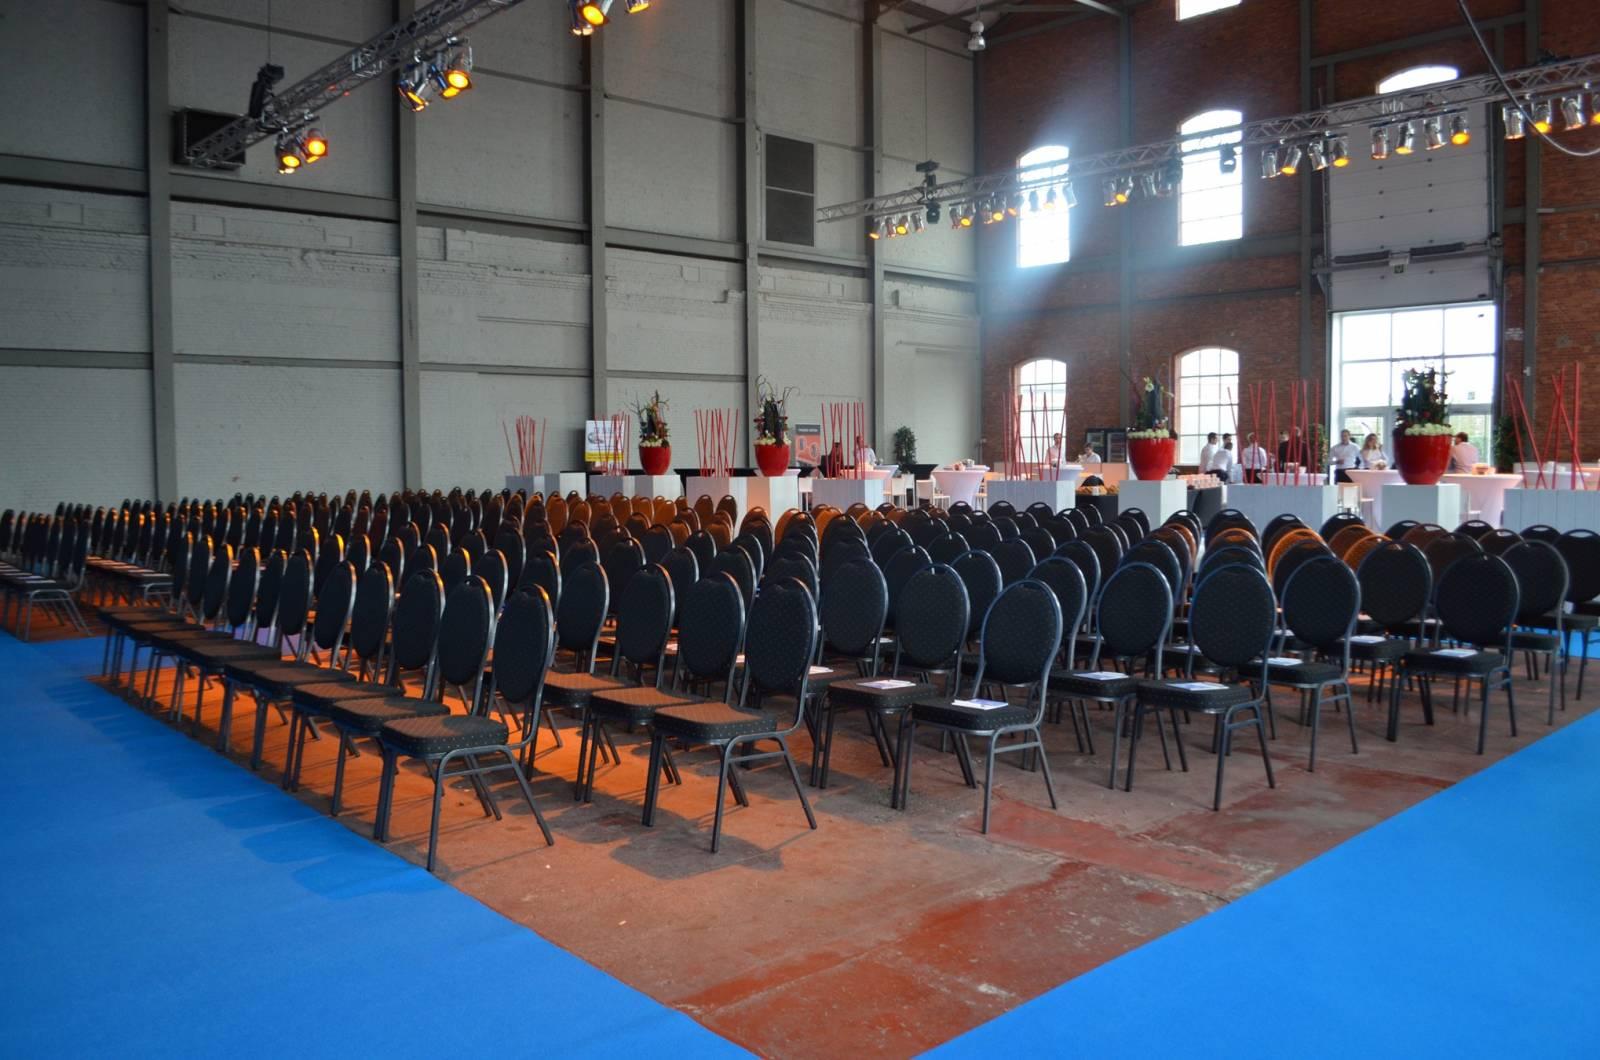 Hangar 43 - Feestzaal - Feestlocatie - Industrieel - Dendermonde (Antwerpen) - House of Events - 16